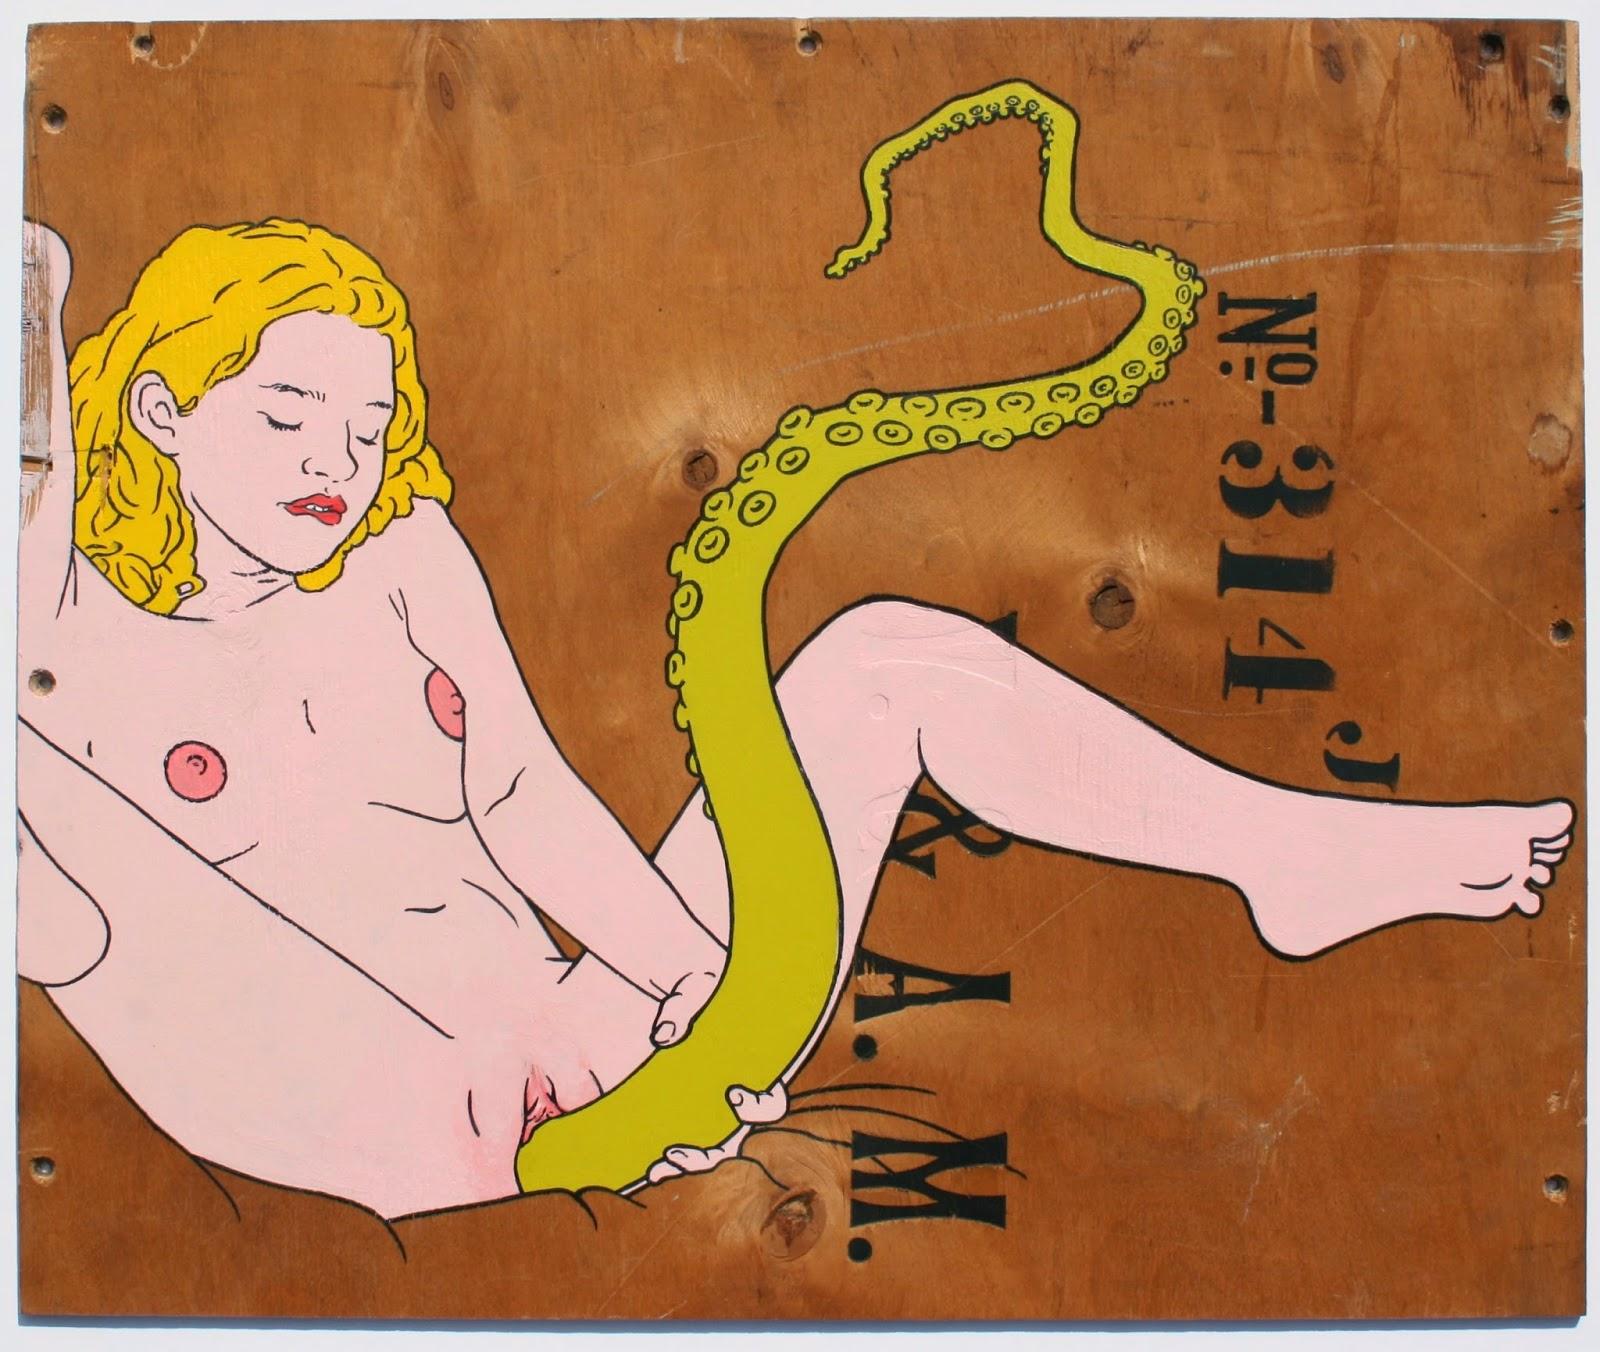 nude pics of deelishious